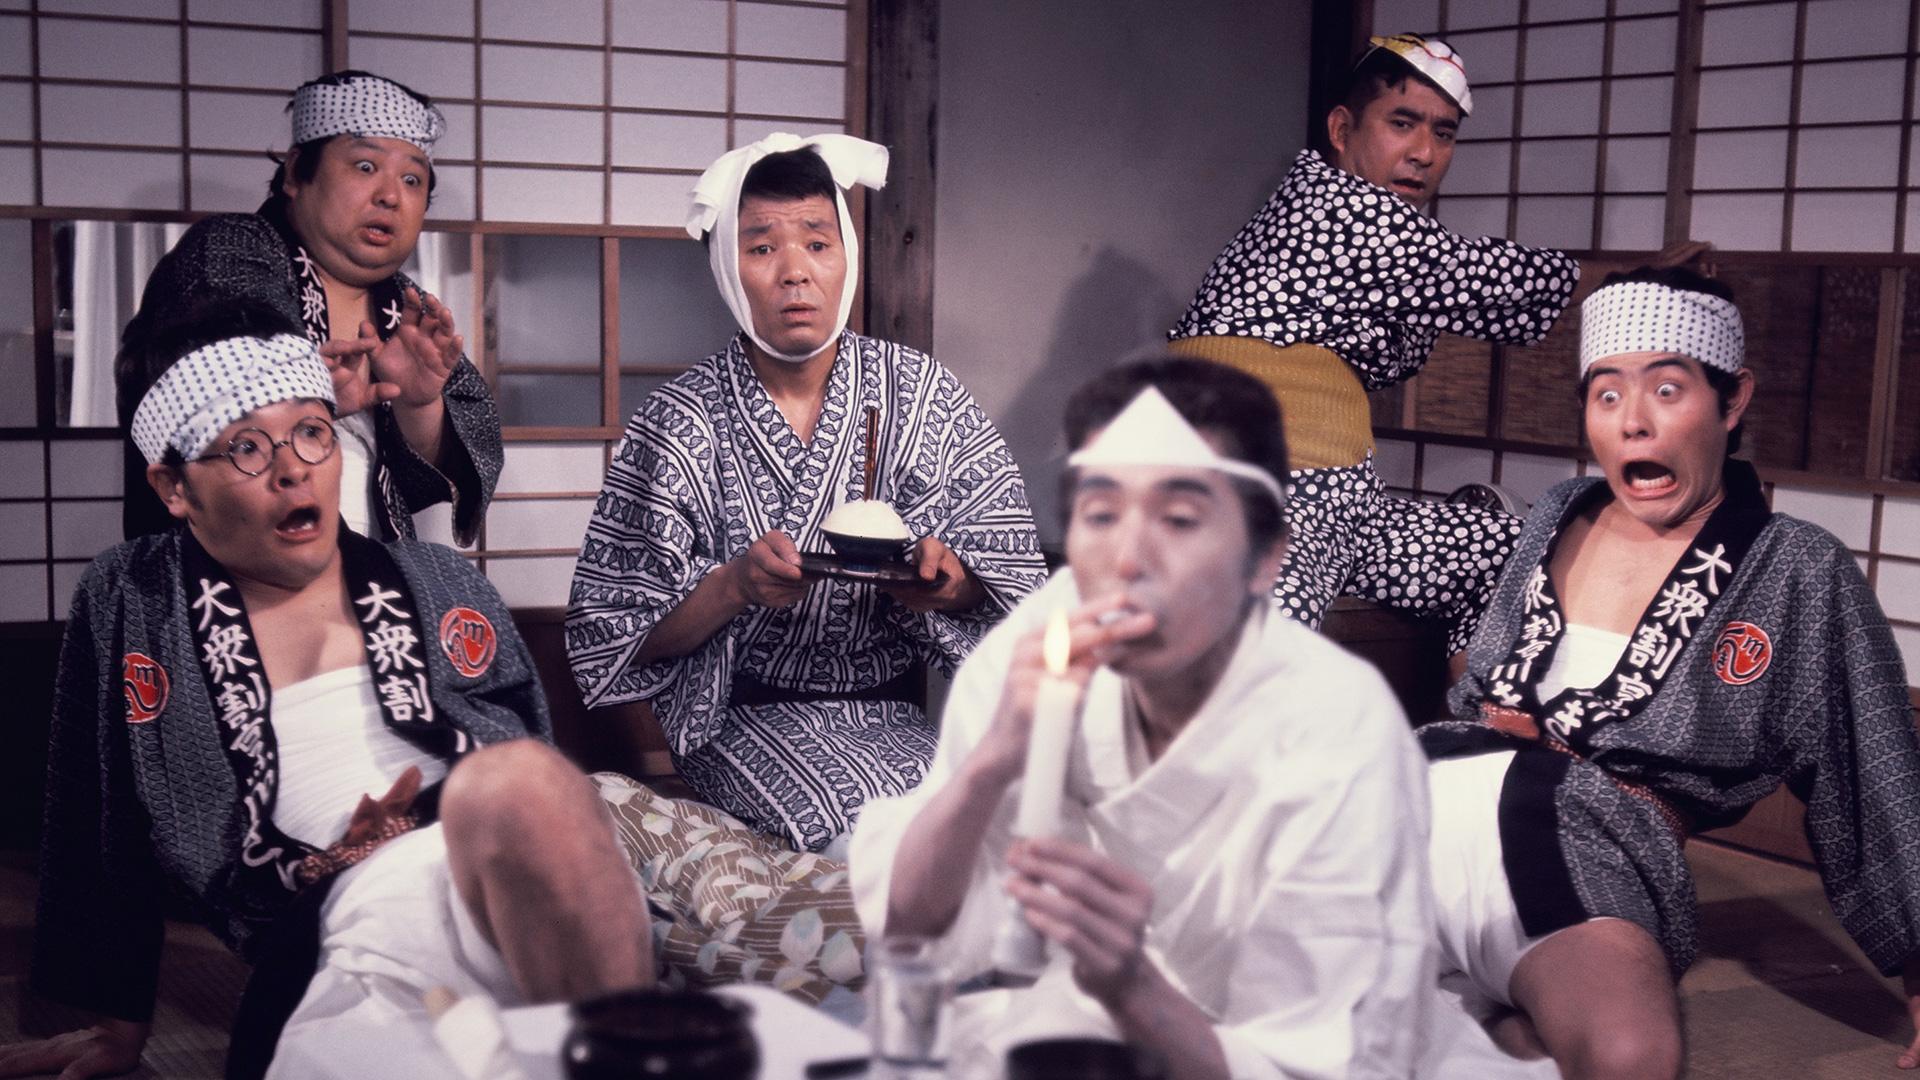 映画「祭りだお化けだ全員集合!!」【未DVD化作品】